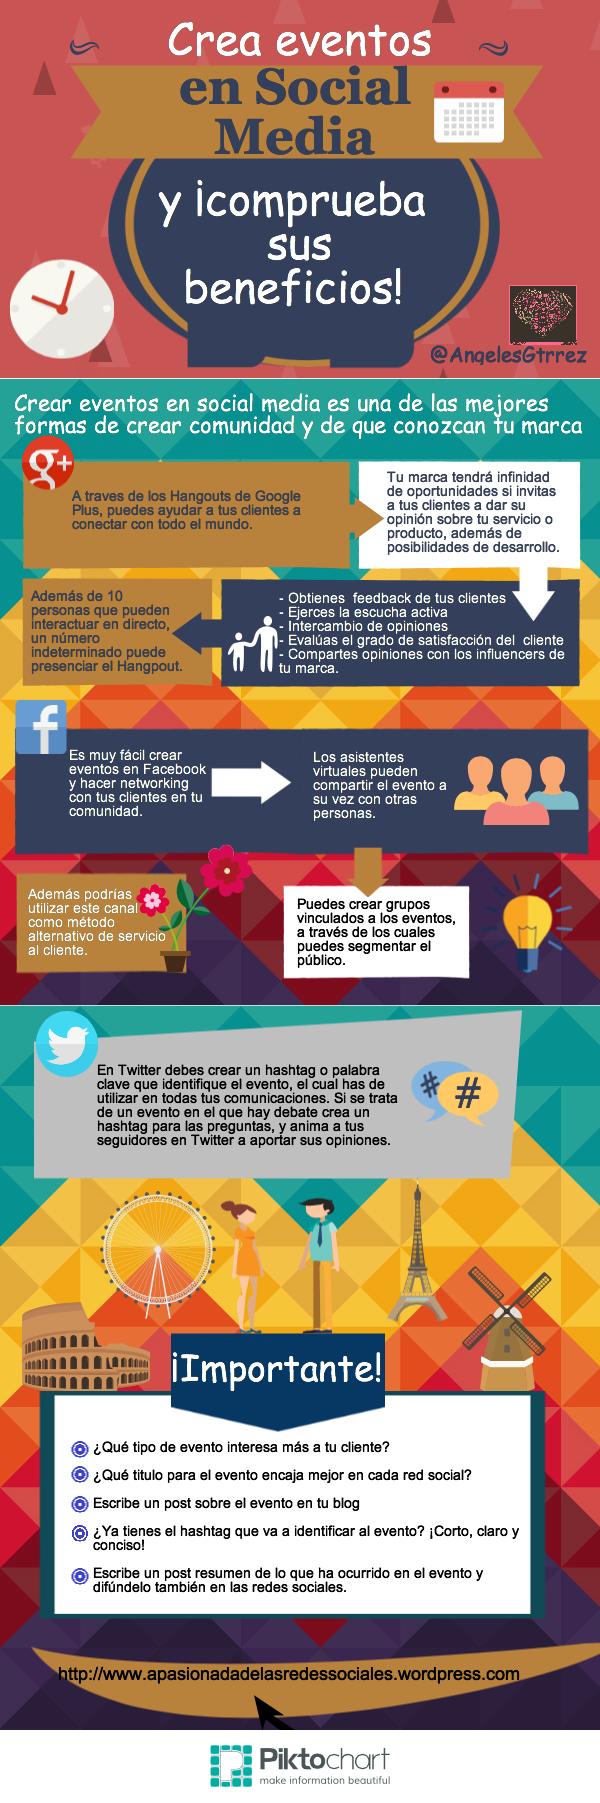 Crea eventos en Redes Sociales y comprueba sus beneficios